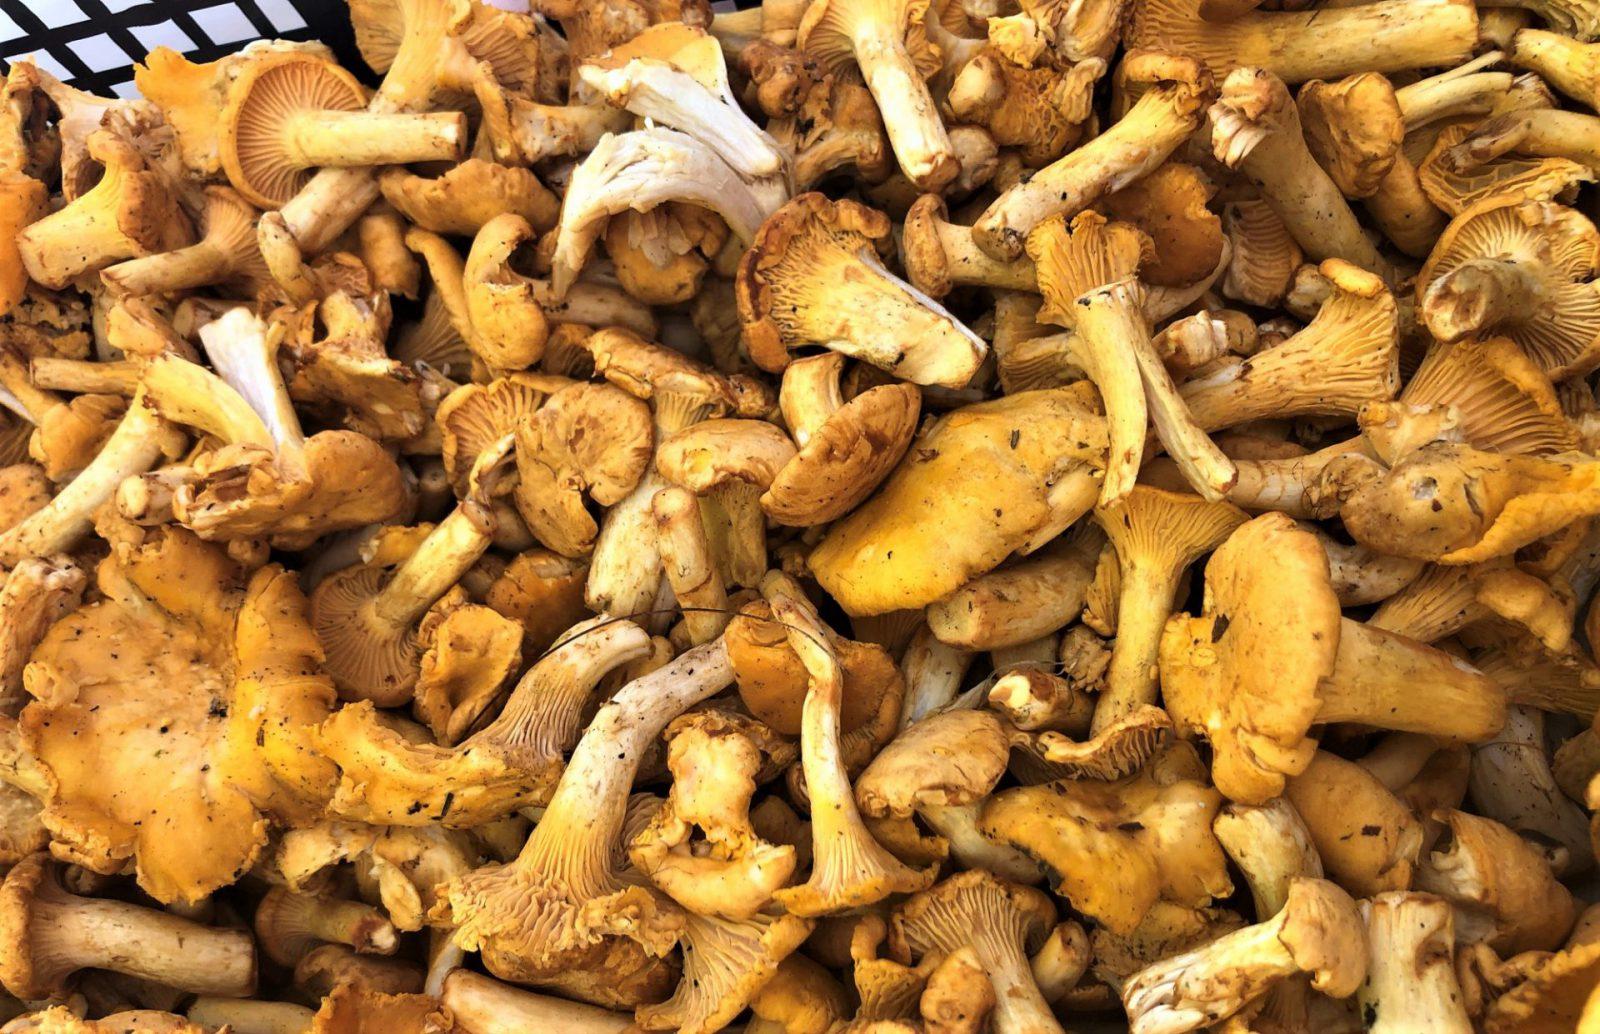 V sobotu 4. 9. je farmářský trh zpět na Náplavce! Budou i lesní houby od Karolínky, drůbež z volného chovu z Pracejovic a Holýšova, pesta od Květušky.